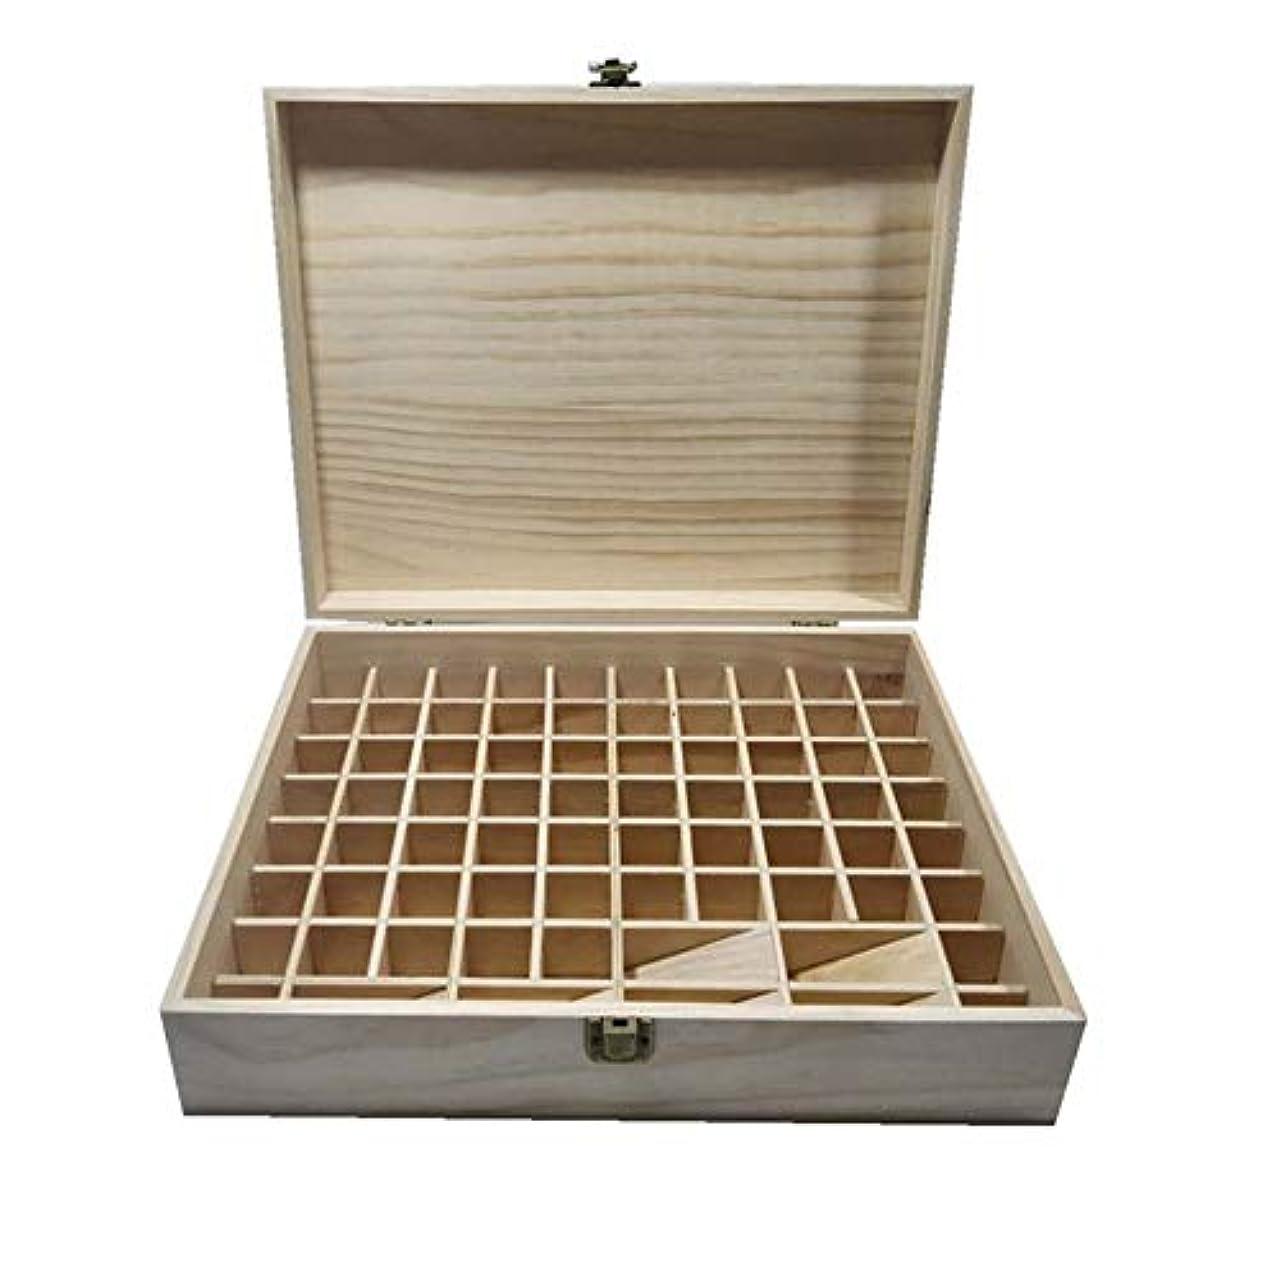 サワー言う涙が出るエッセンシャルオイルの保管 74スロットエッセンシャルオイルボックス木製収納ケースは、74本のボトルエッセンシャルオイルスペースセーバーの開催します (色 : Natural, サイズ : 34X27.5X9CM)